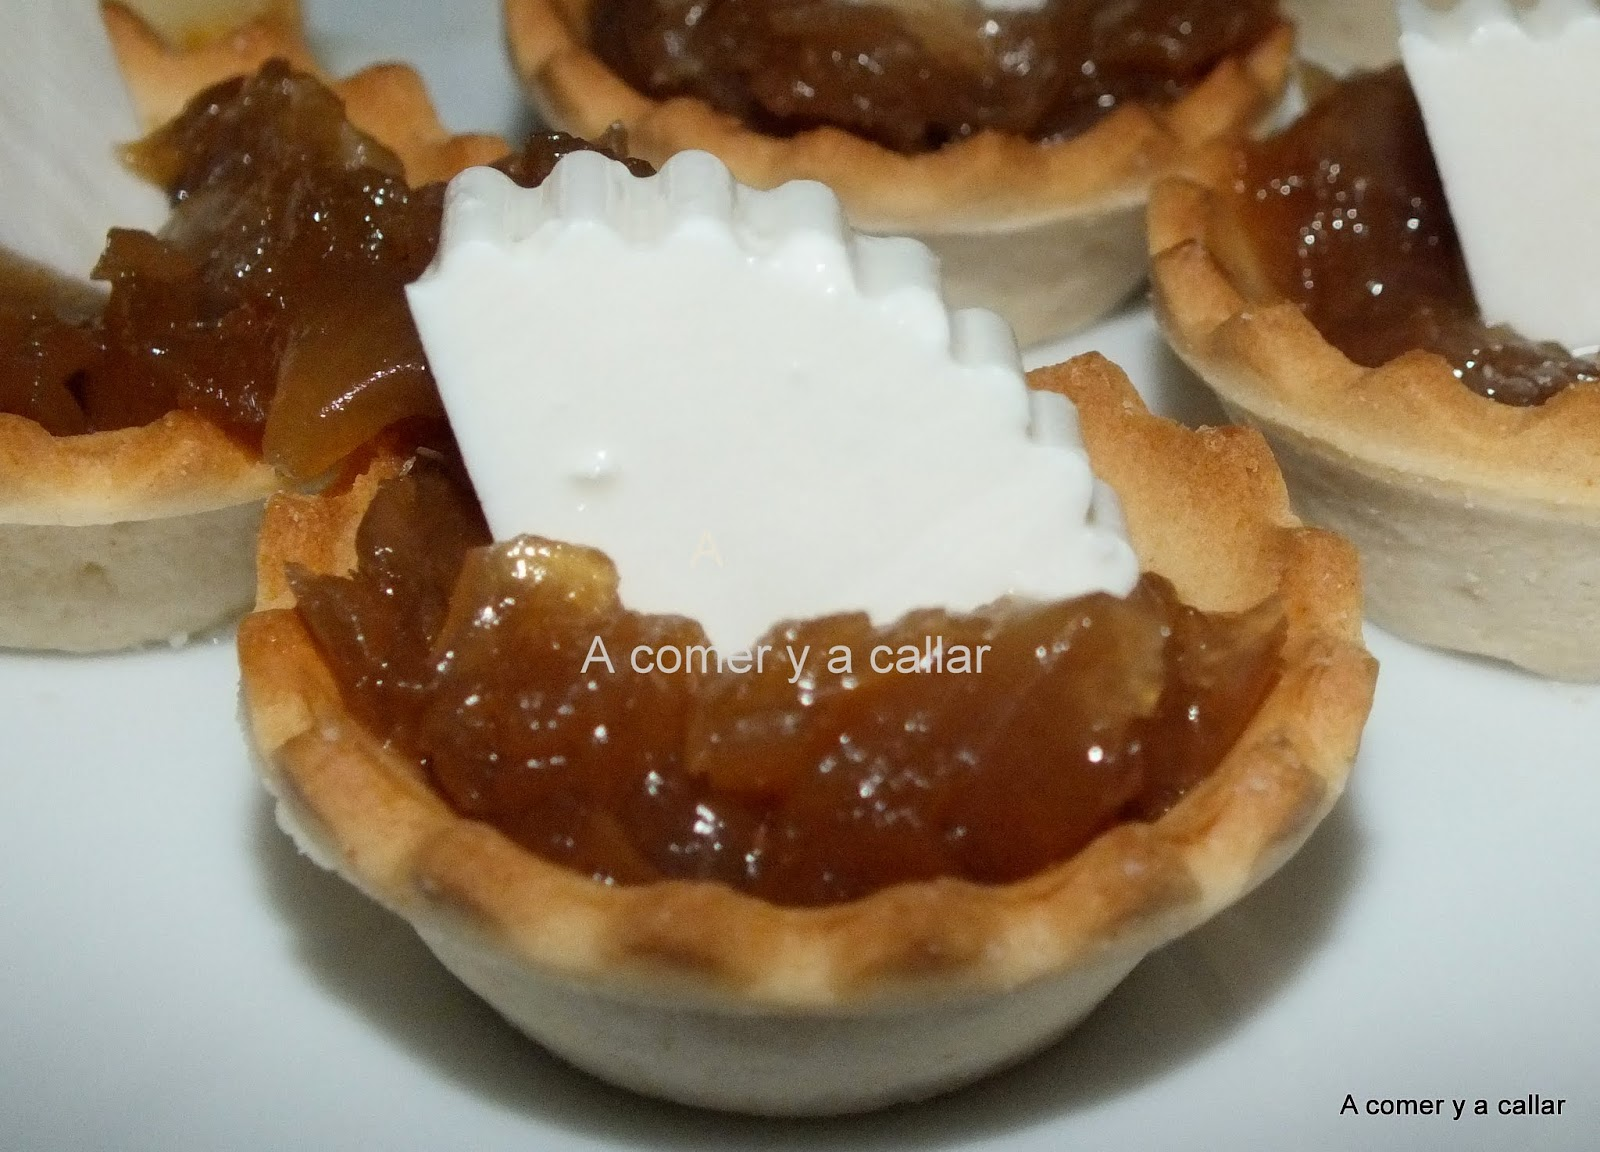 A comer y a callar cebolla caramelizada con thermomix for Canape de pate con cebolla caramelizada